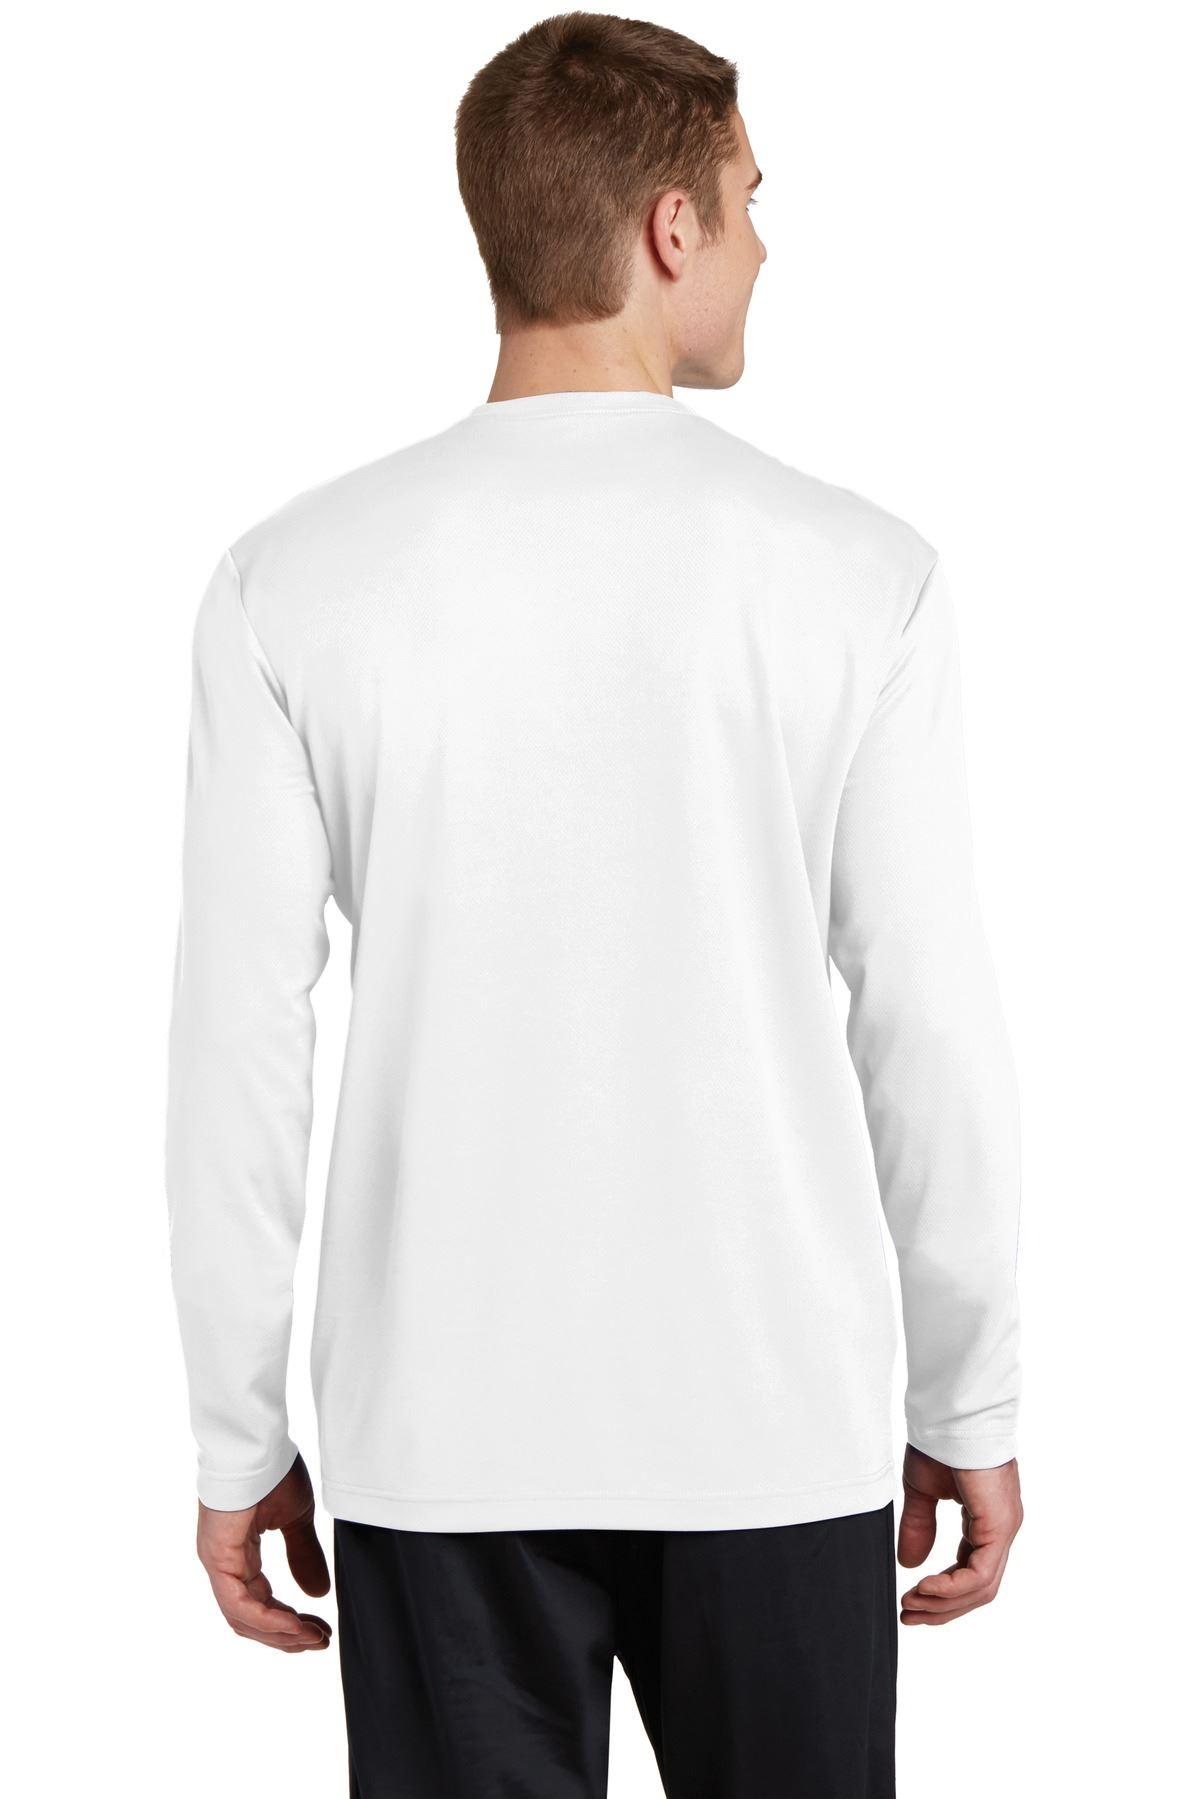 thumbnail 25 - Sport-Tek Men's Dry-Fit RacerMesh Moisture Wicking Long Sleeve T-Shirt ST340LS